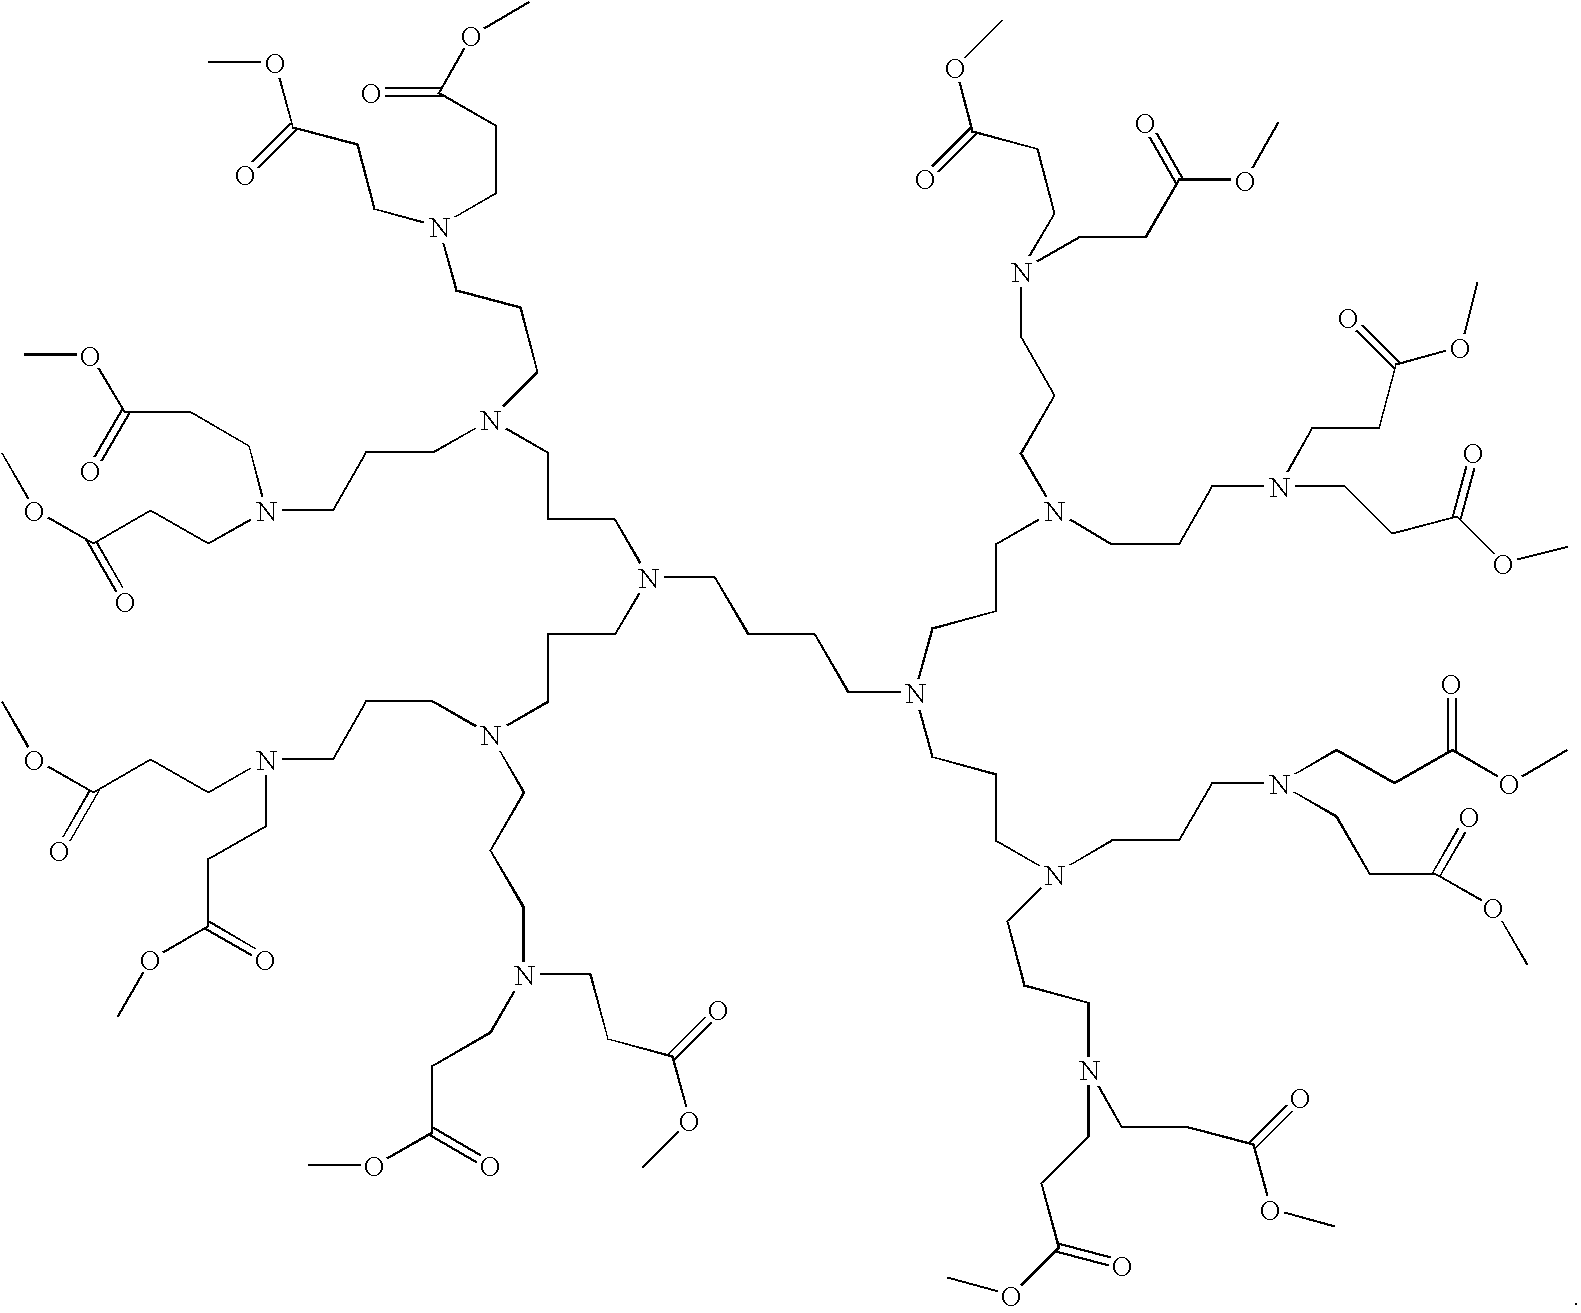 Figure US20100093857A1-20100415-C00013